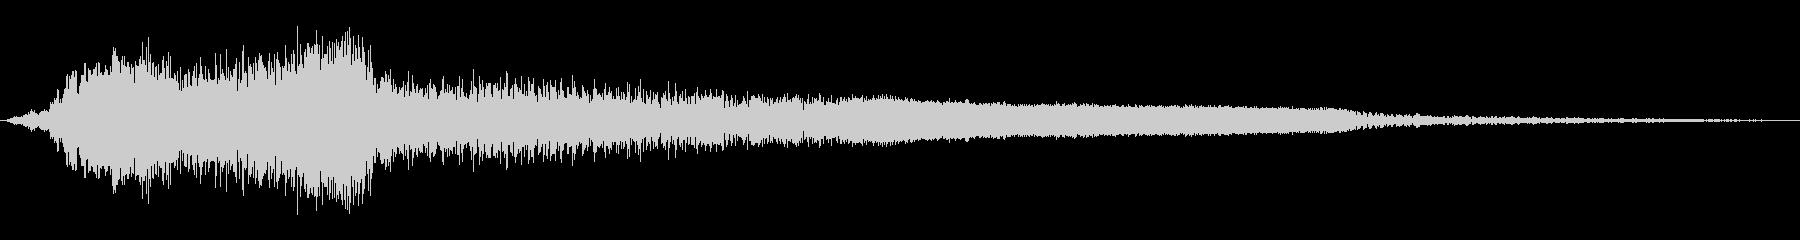 ロードキル、モーターグロールスラム...の未再生の波形